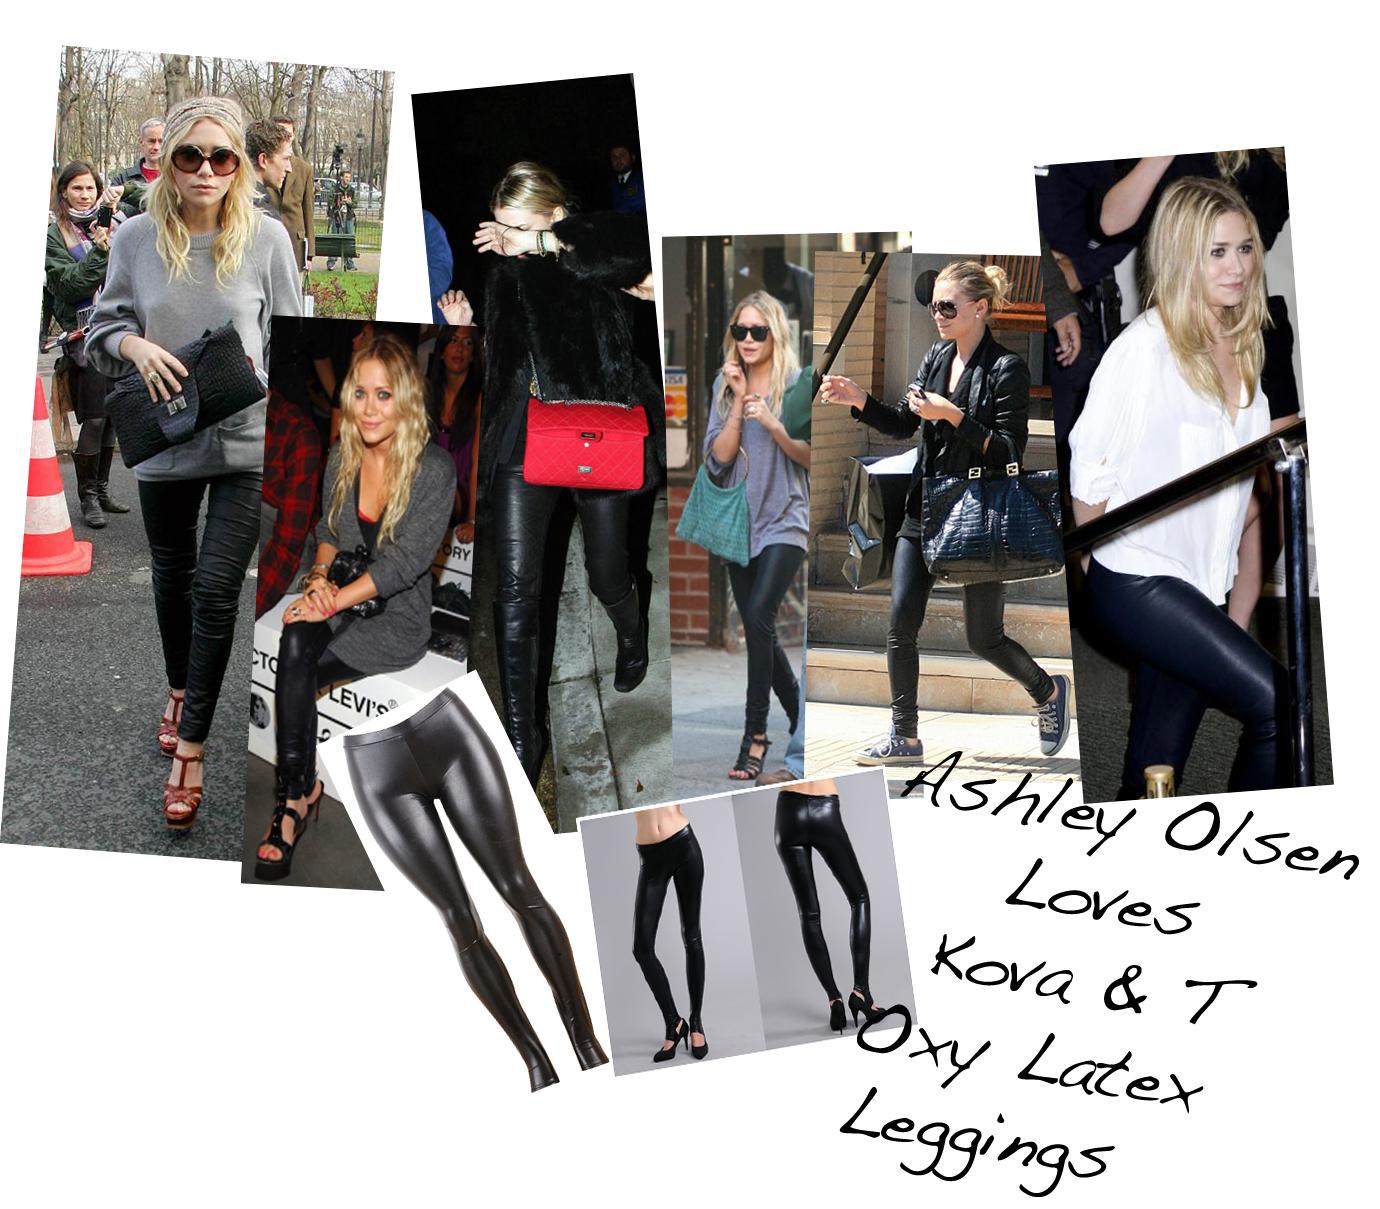 http://3.bp.blogspot.com/-T8_WSKOmASk/TxdAkVGTXxI/AAAAAAAAAao/2osVMdgsGP0/s1600/ashley-olsen-loves-kova-t-oxy-leggings1+-+C%25C3%25B3pia.jpg